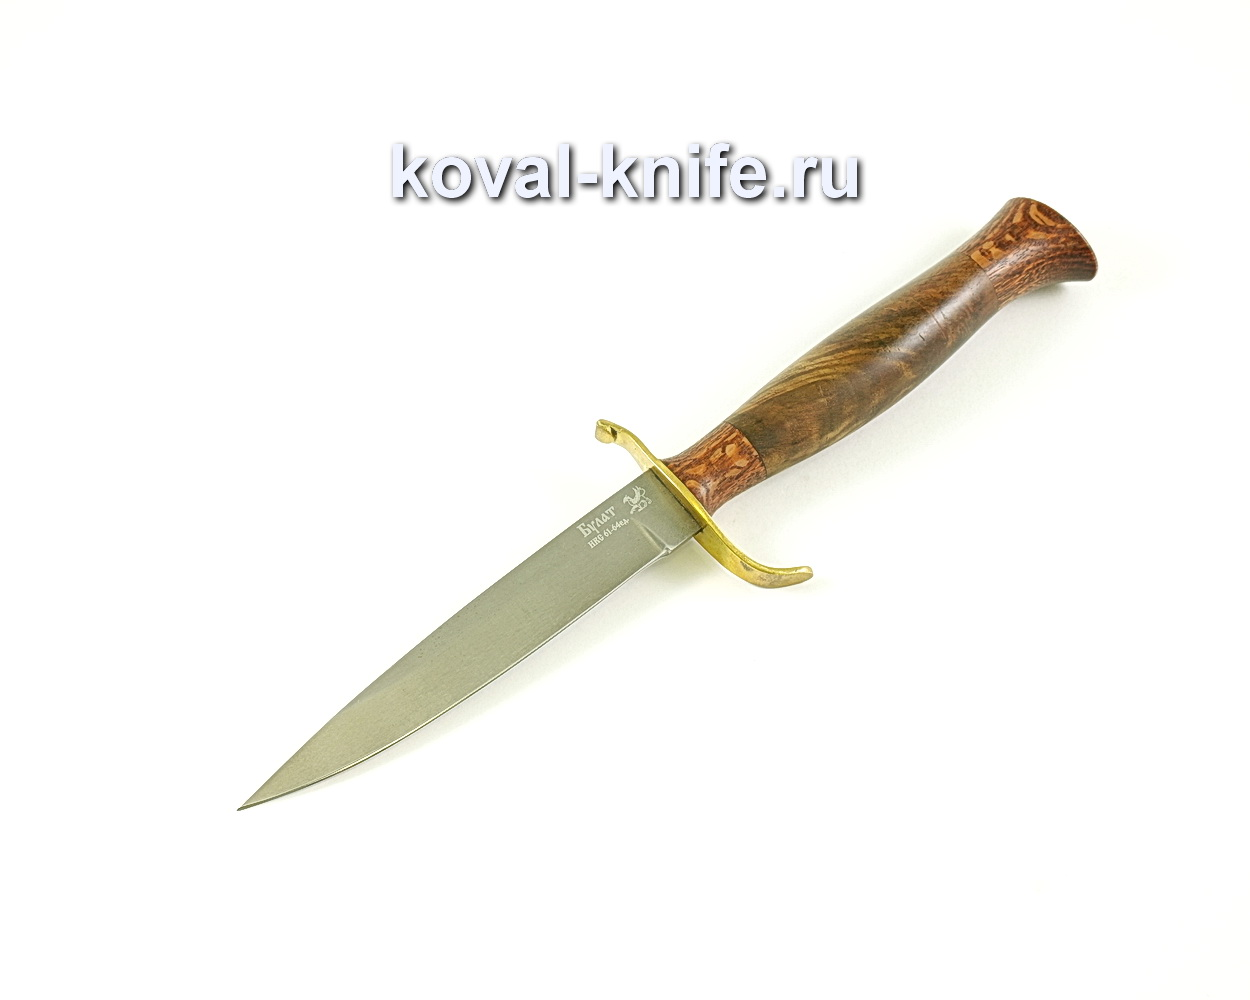 Нож Коготь (сталь Булат), рукоять орех, литье A056